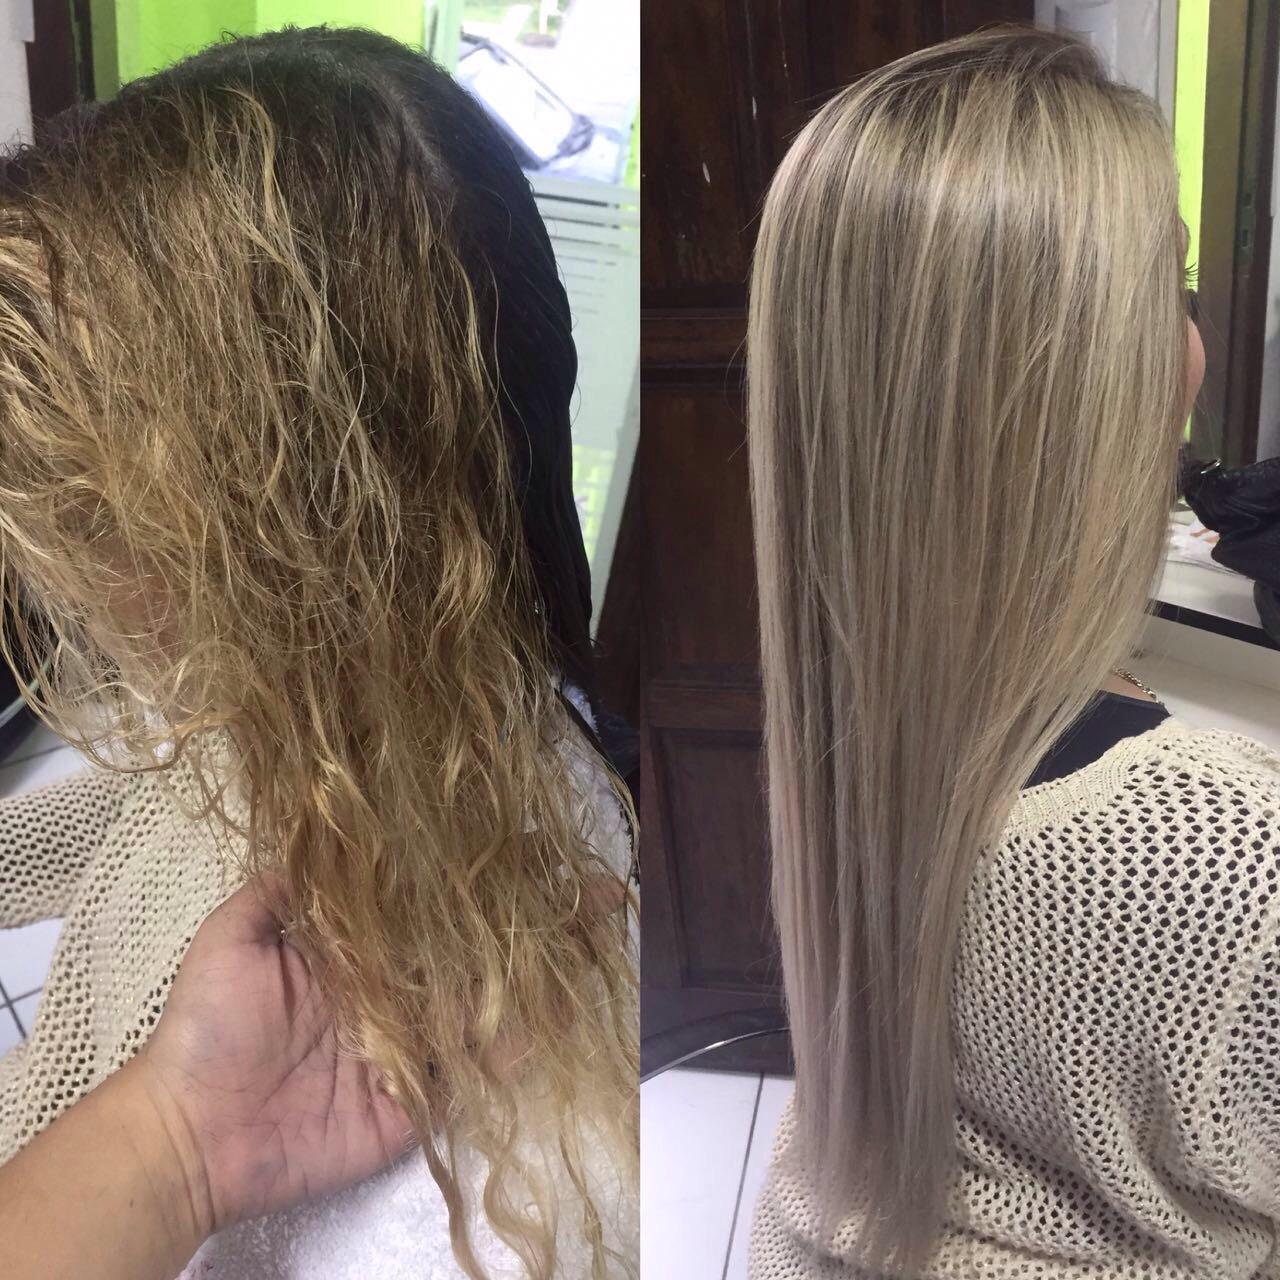 Se o cabelo se retirar de nervos que se retirarão de todos